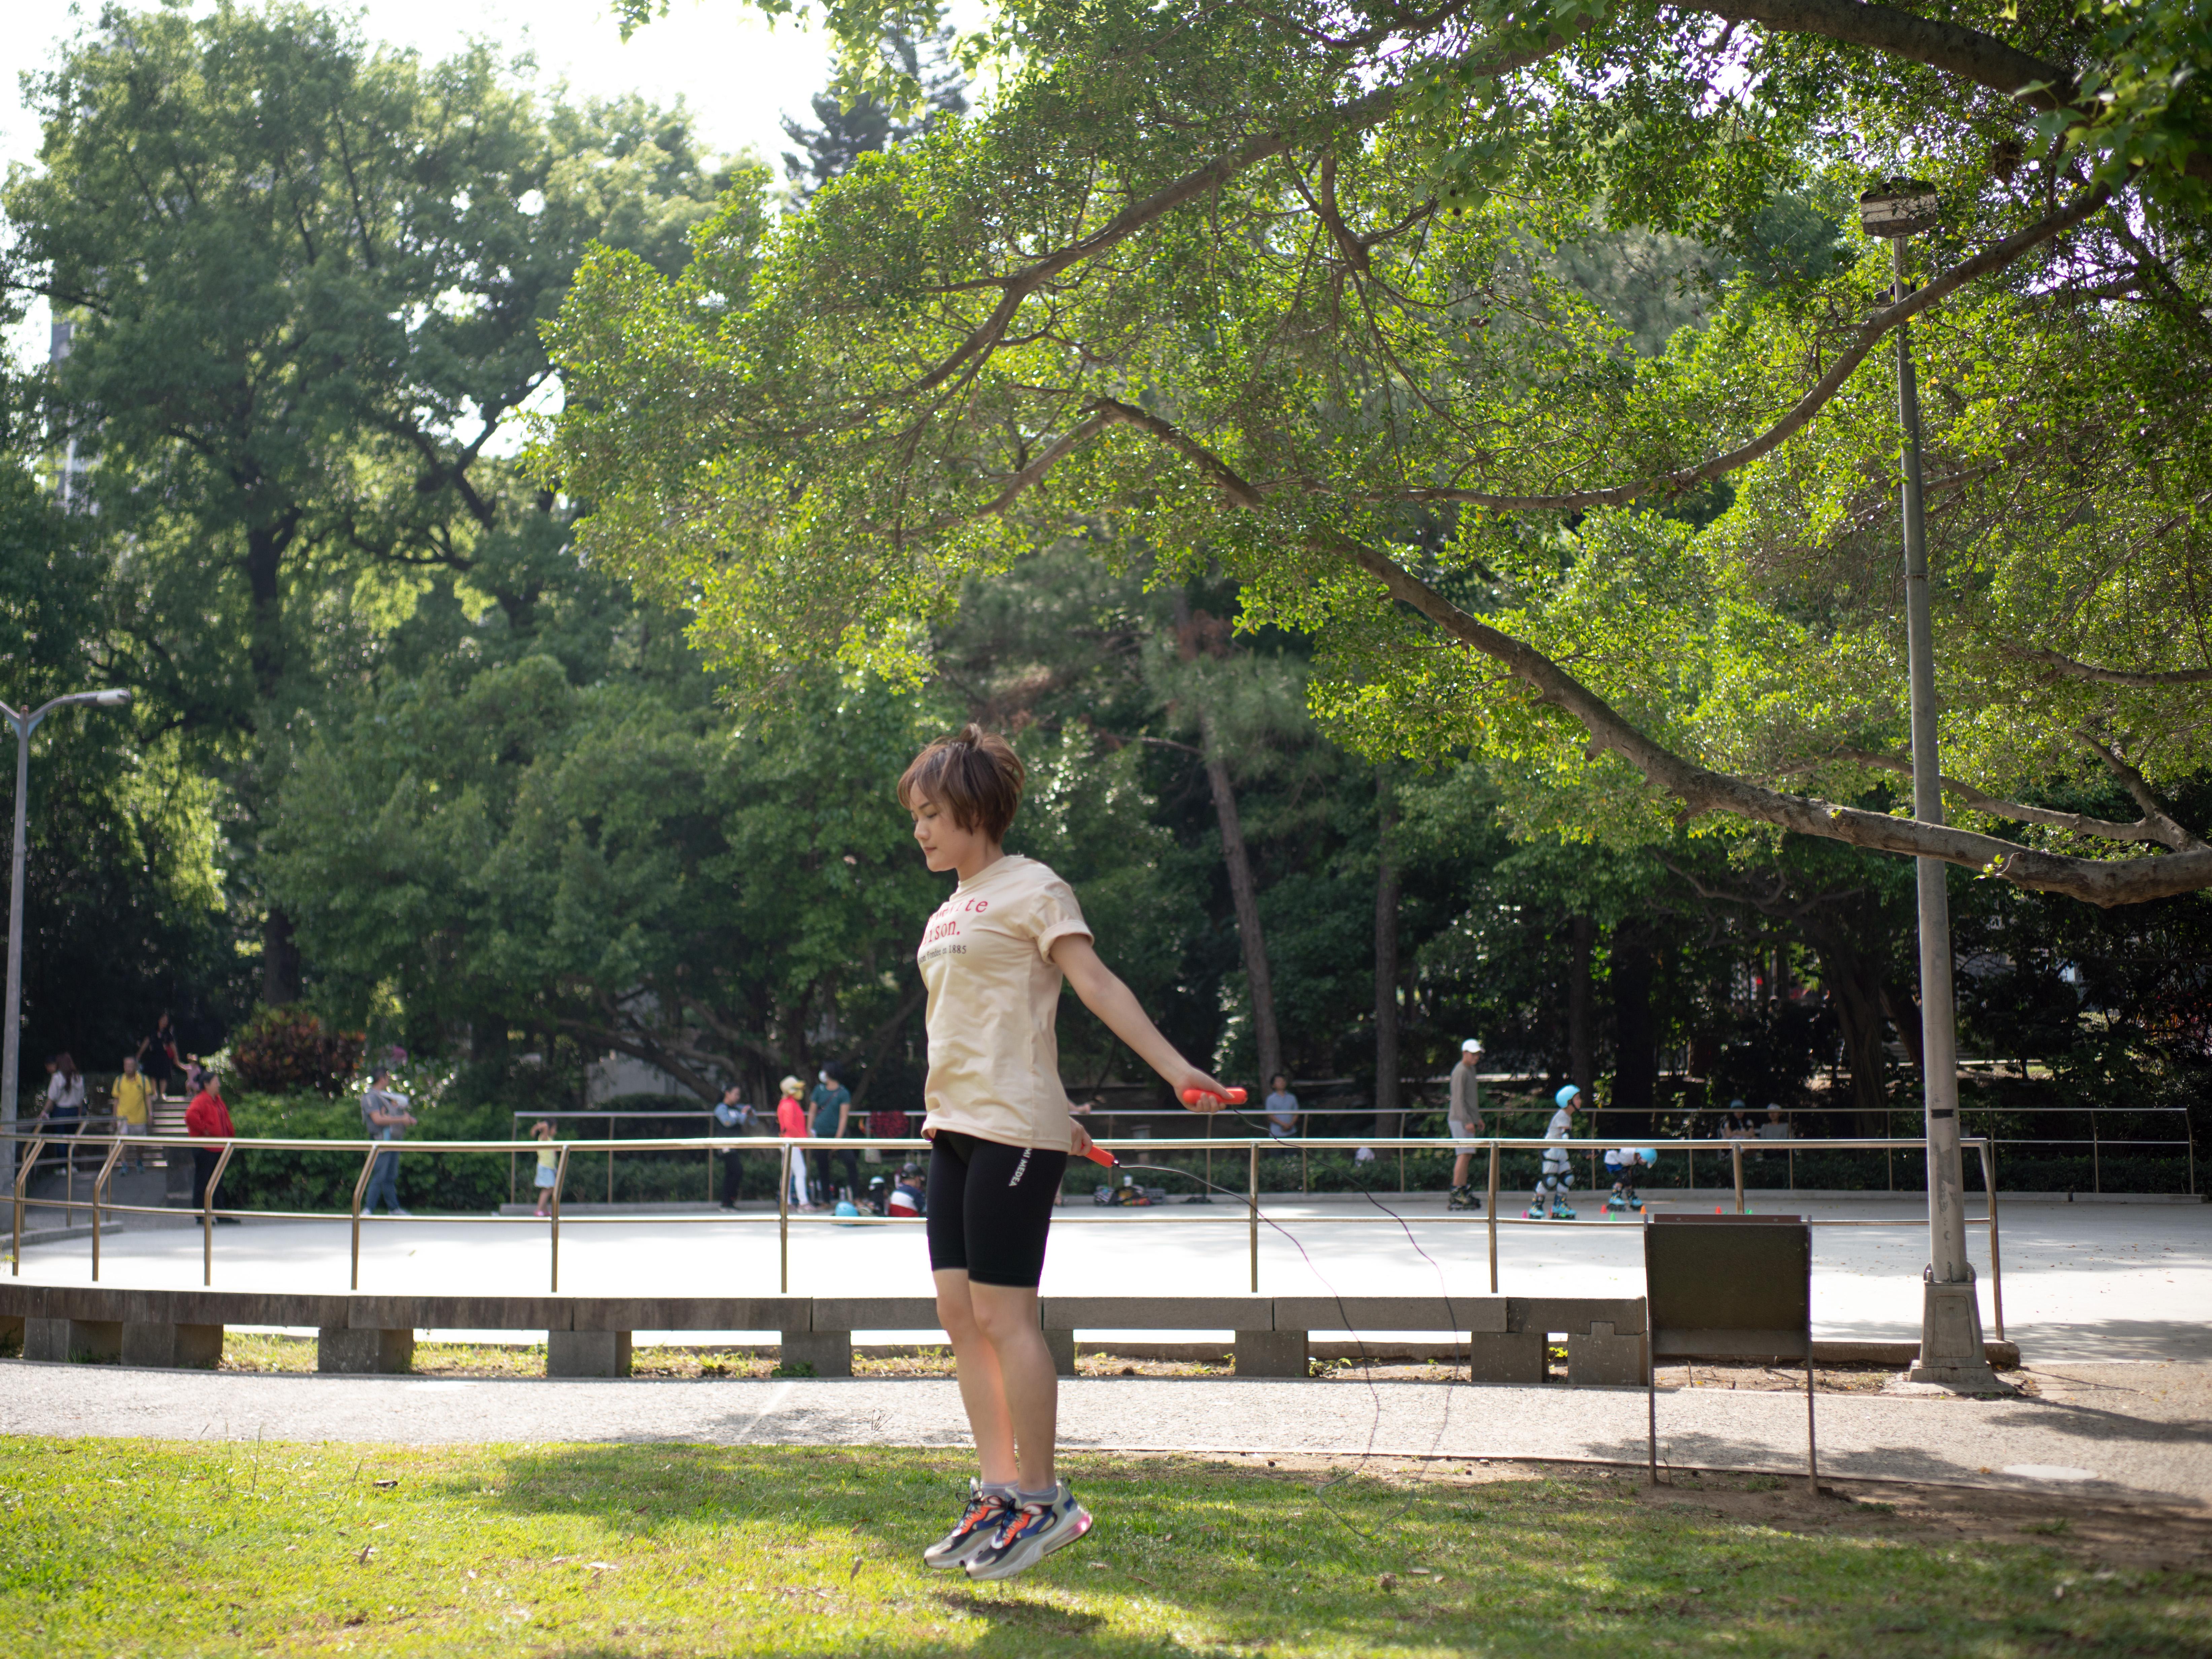 高效率燃脂跳繩減肥法。開箱Tangram藍牙智慧跳繩Rookie心得分享